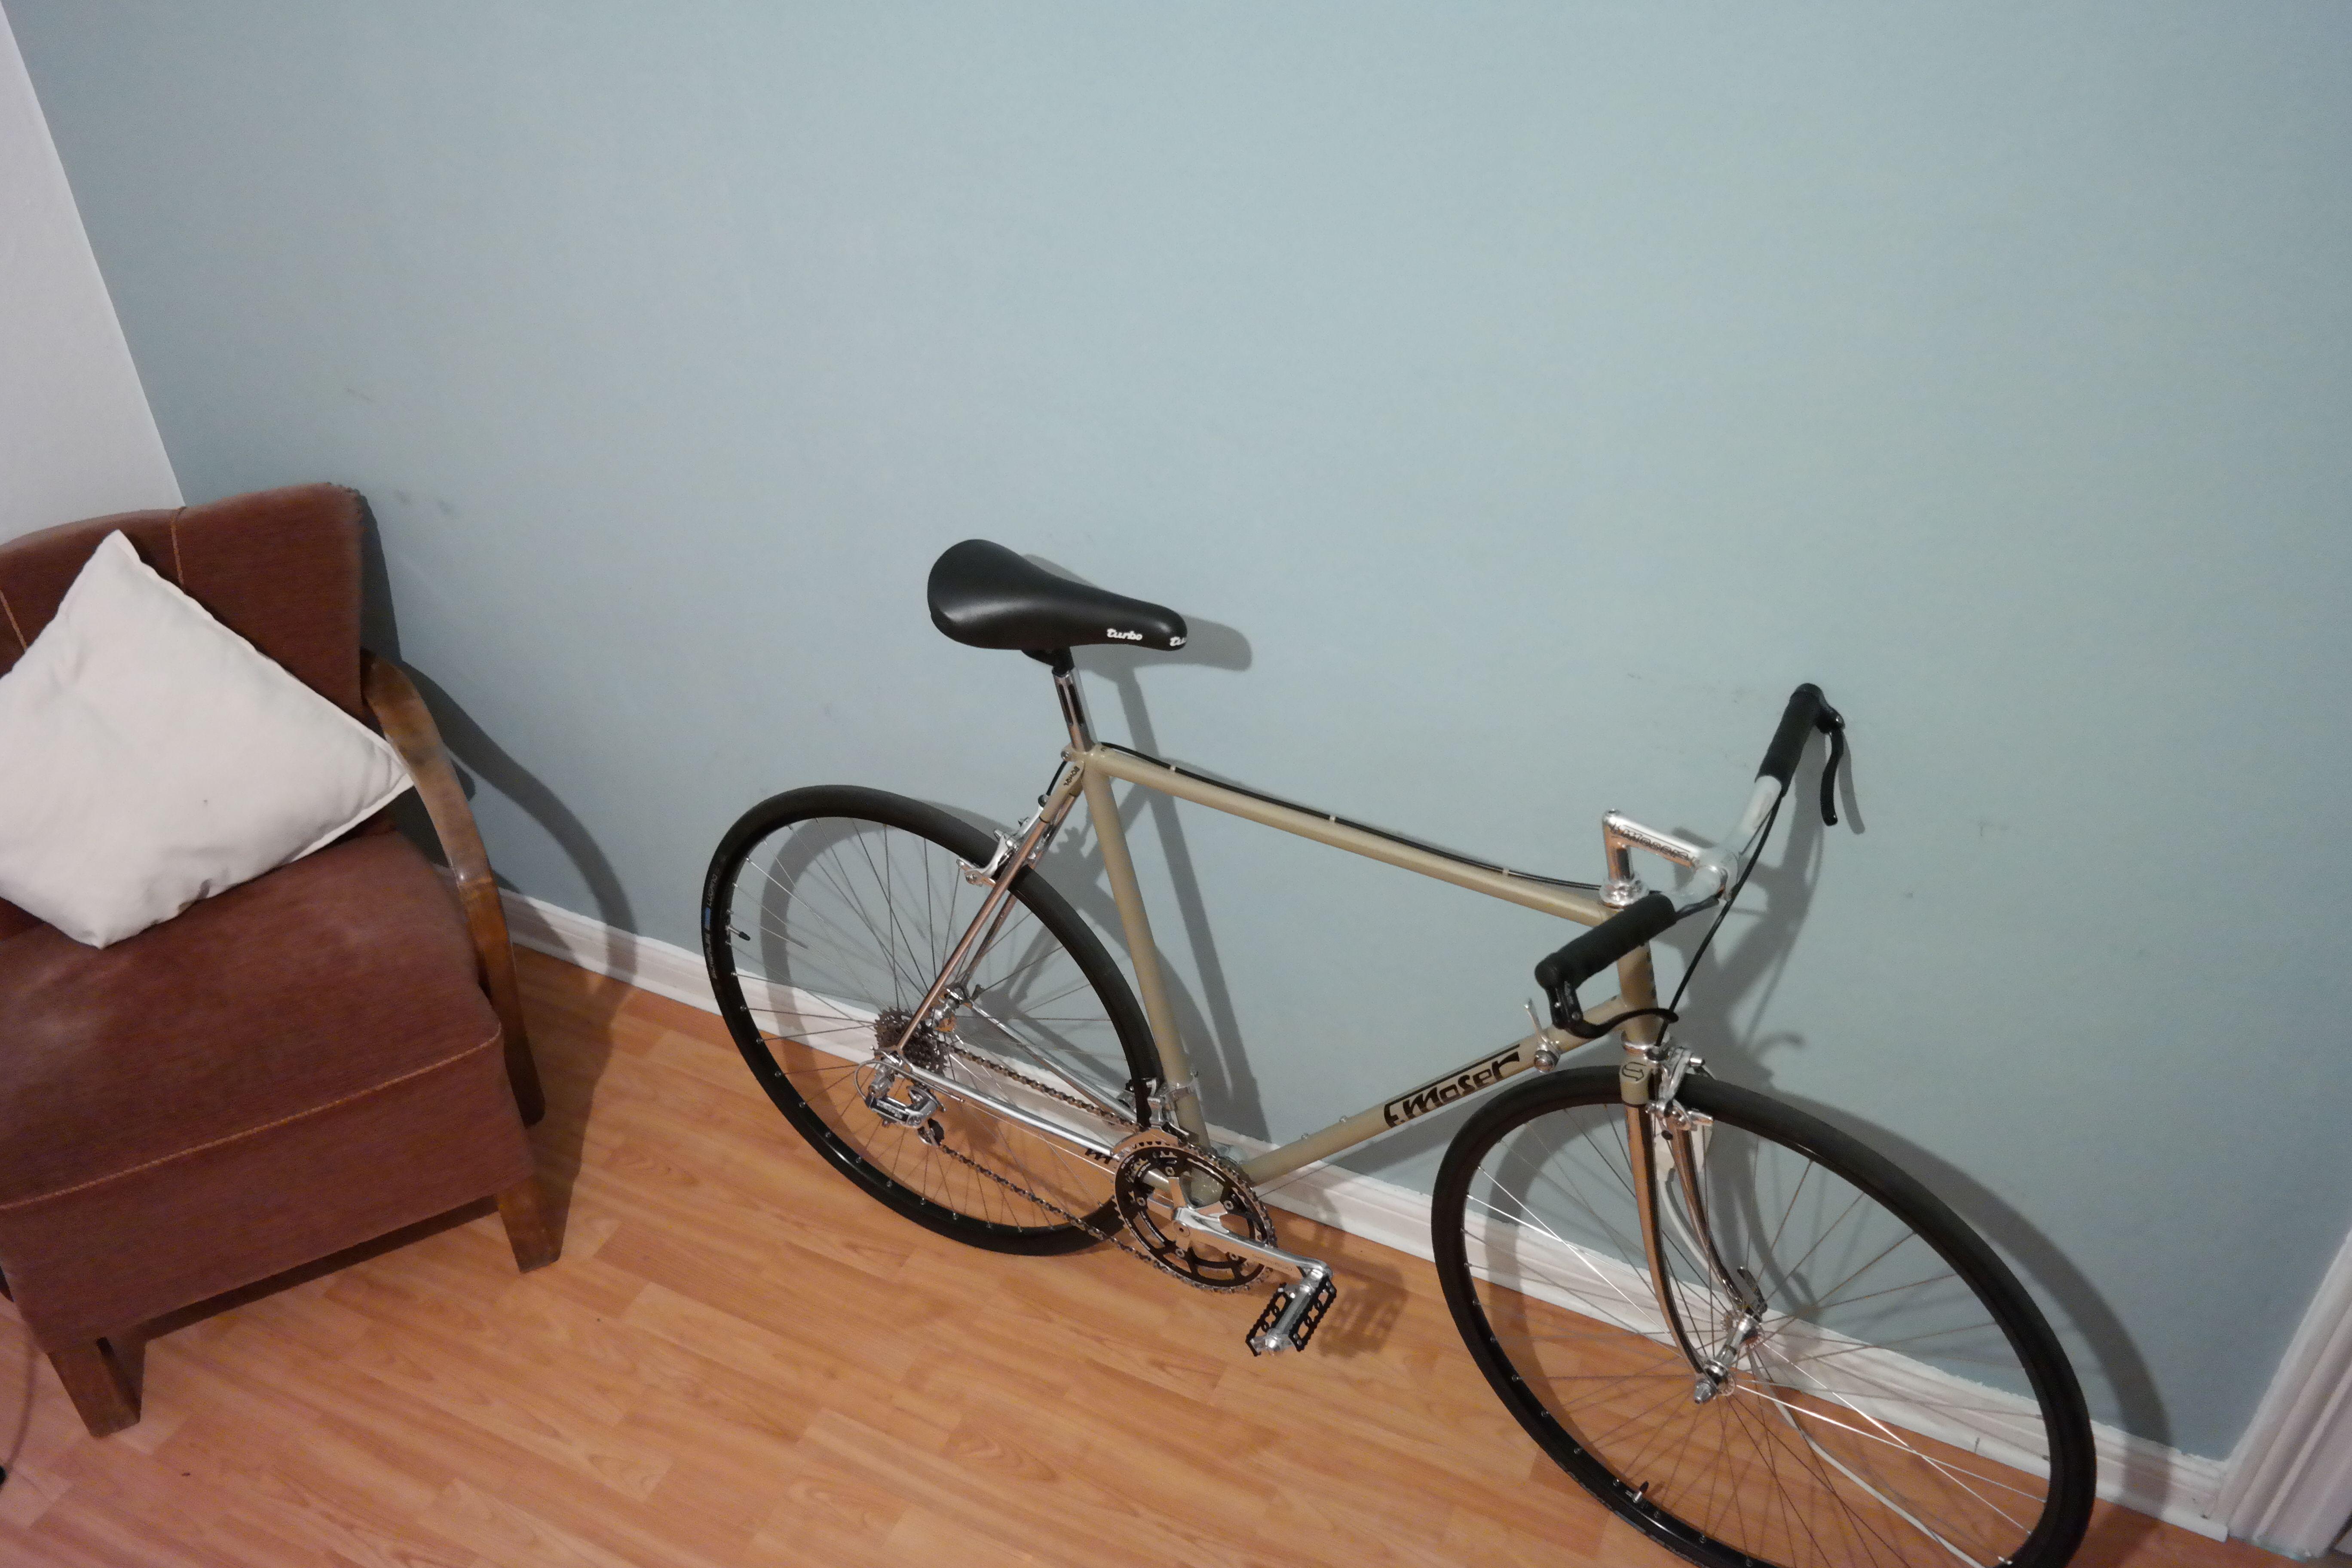 Moser, Speedbike, Rennrad, Roadbike, Steel is Real, Handbuild